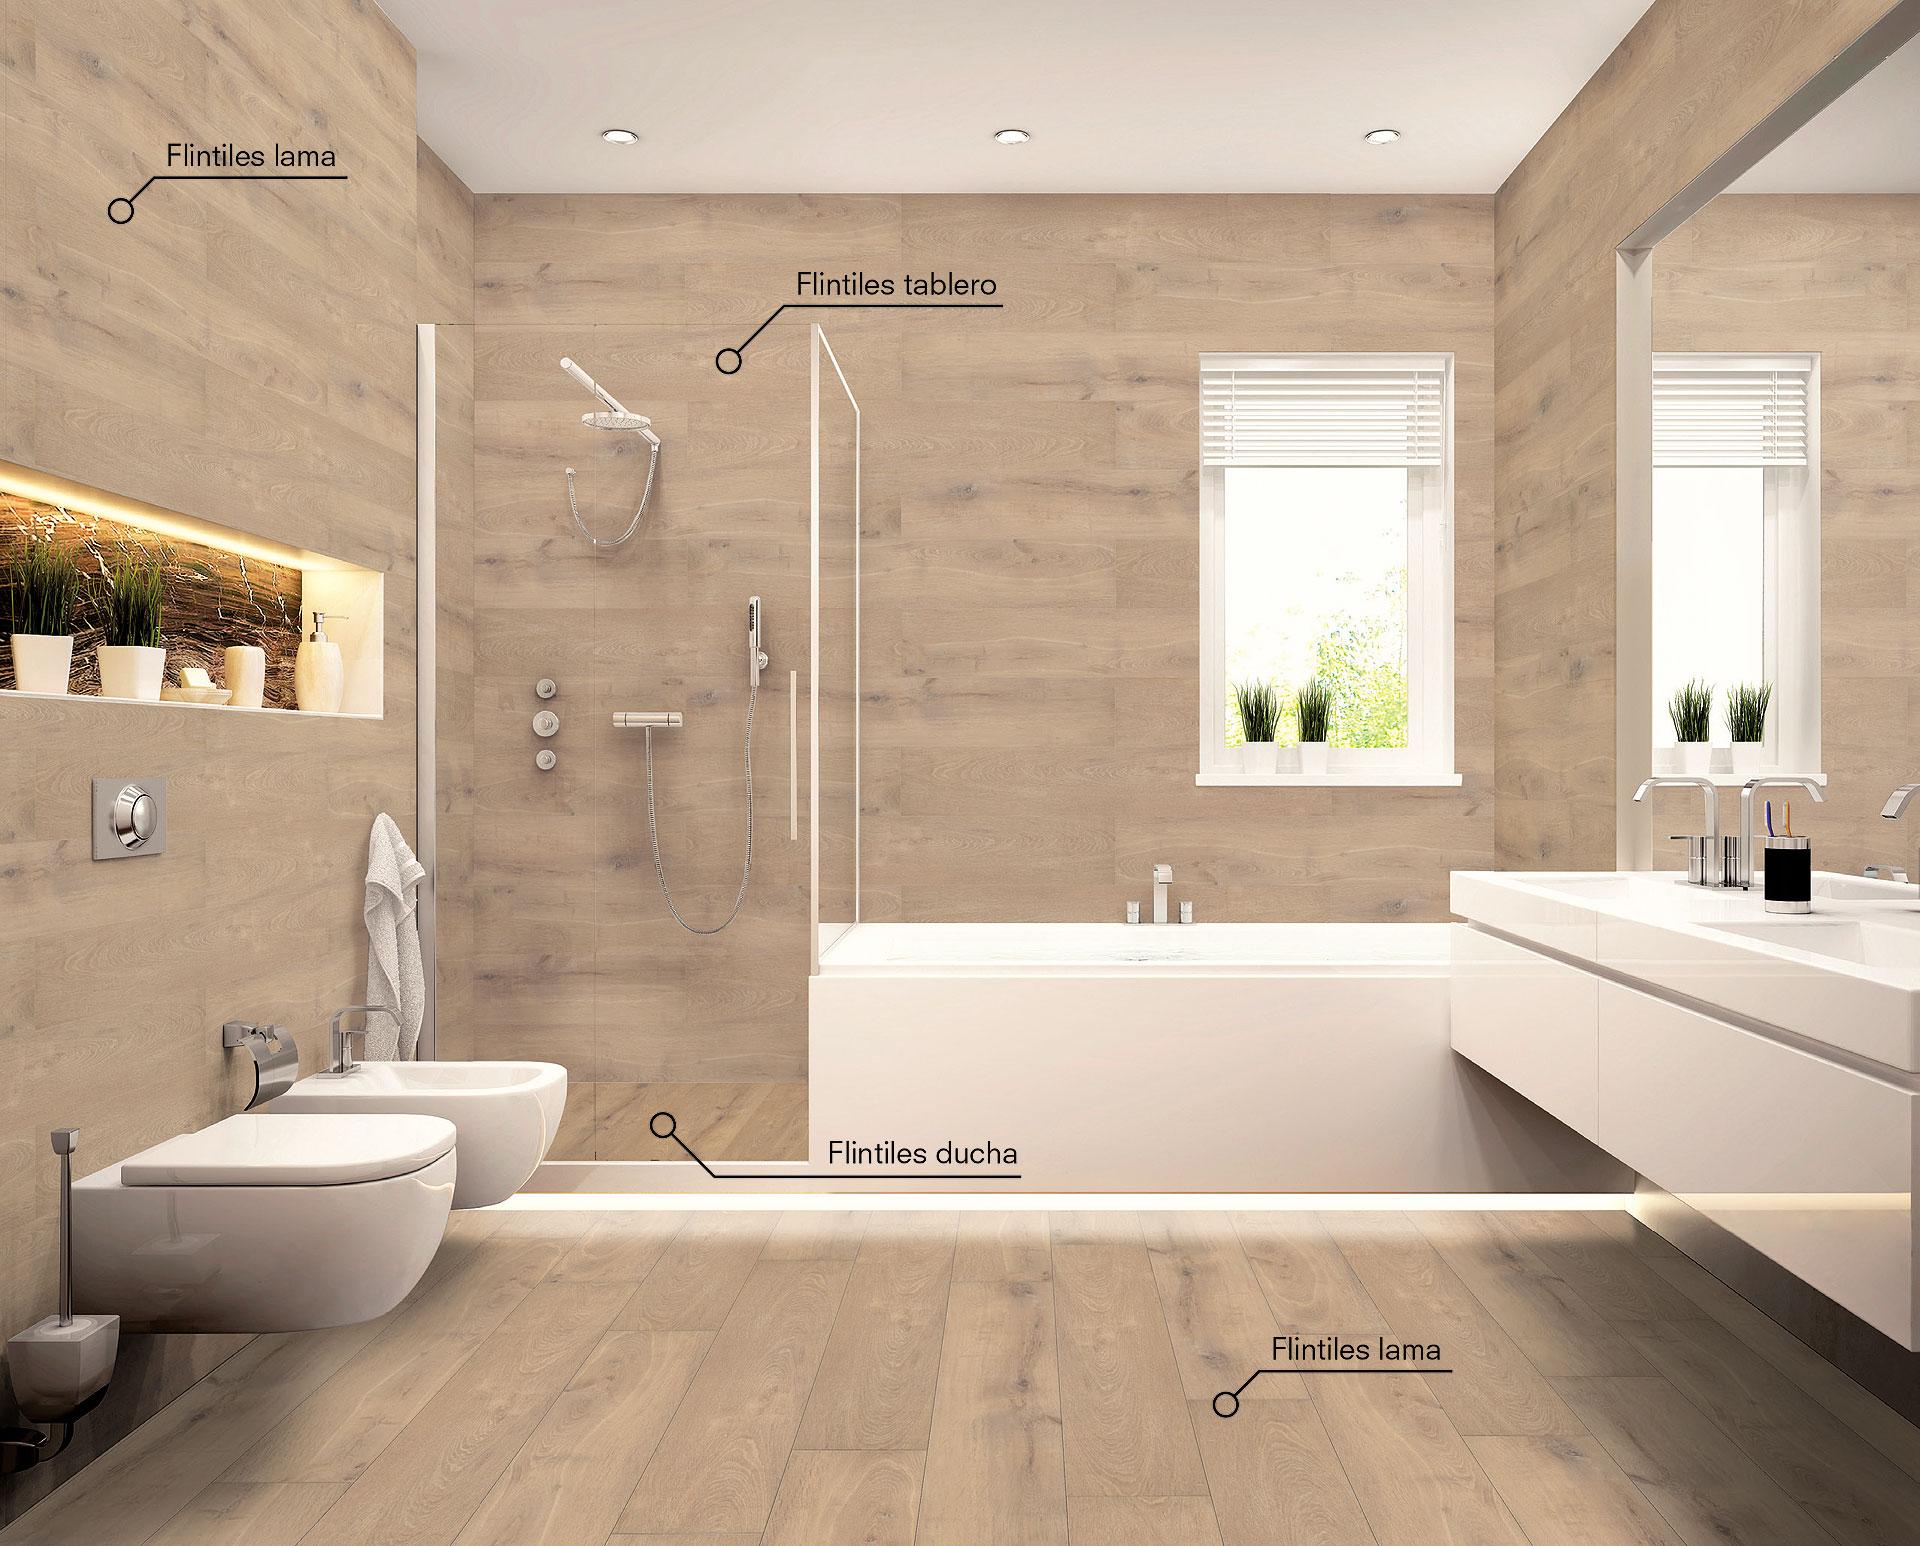 Como renovar suelos paredes y platos de ducha sin obras for Pavimentos rusticos para interiores